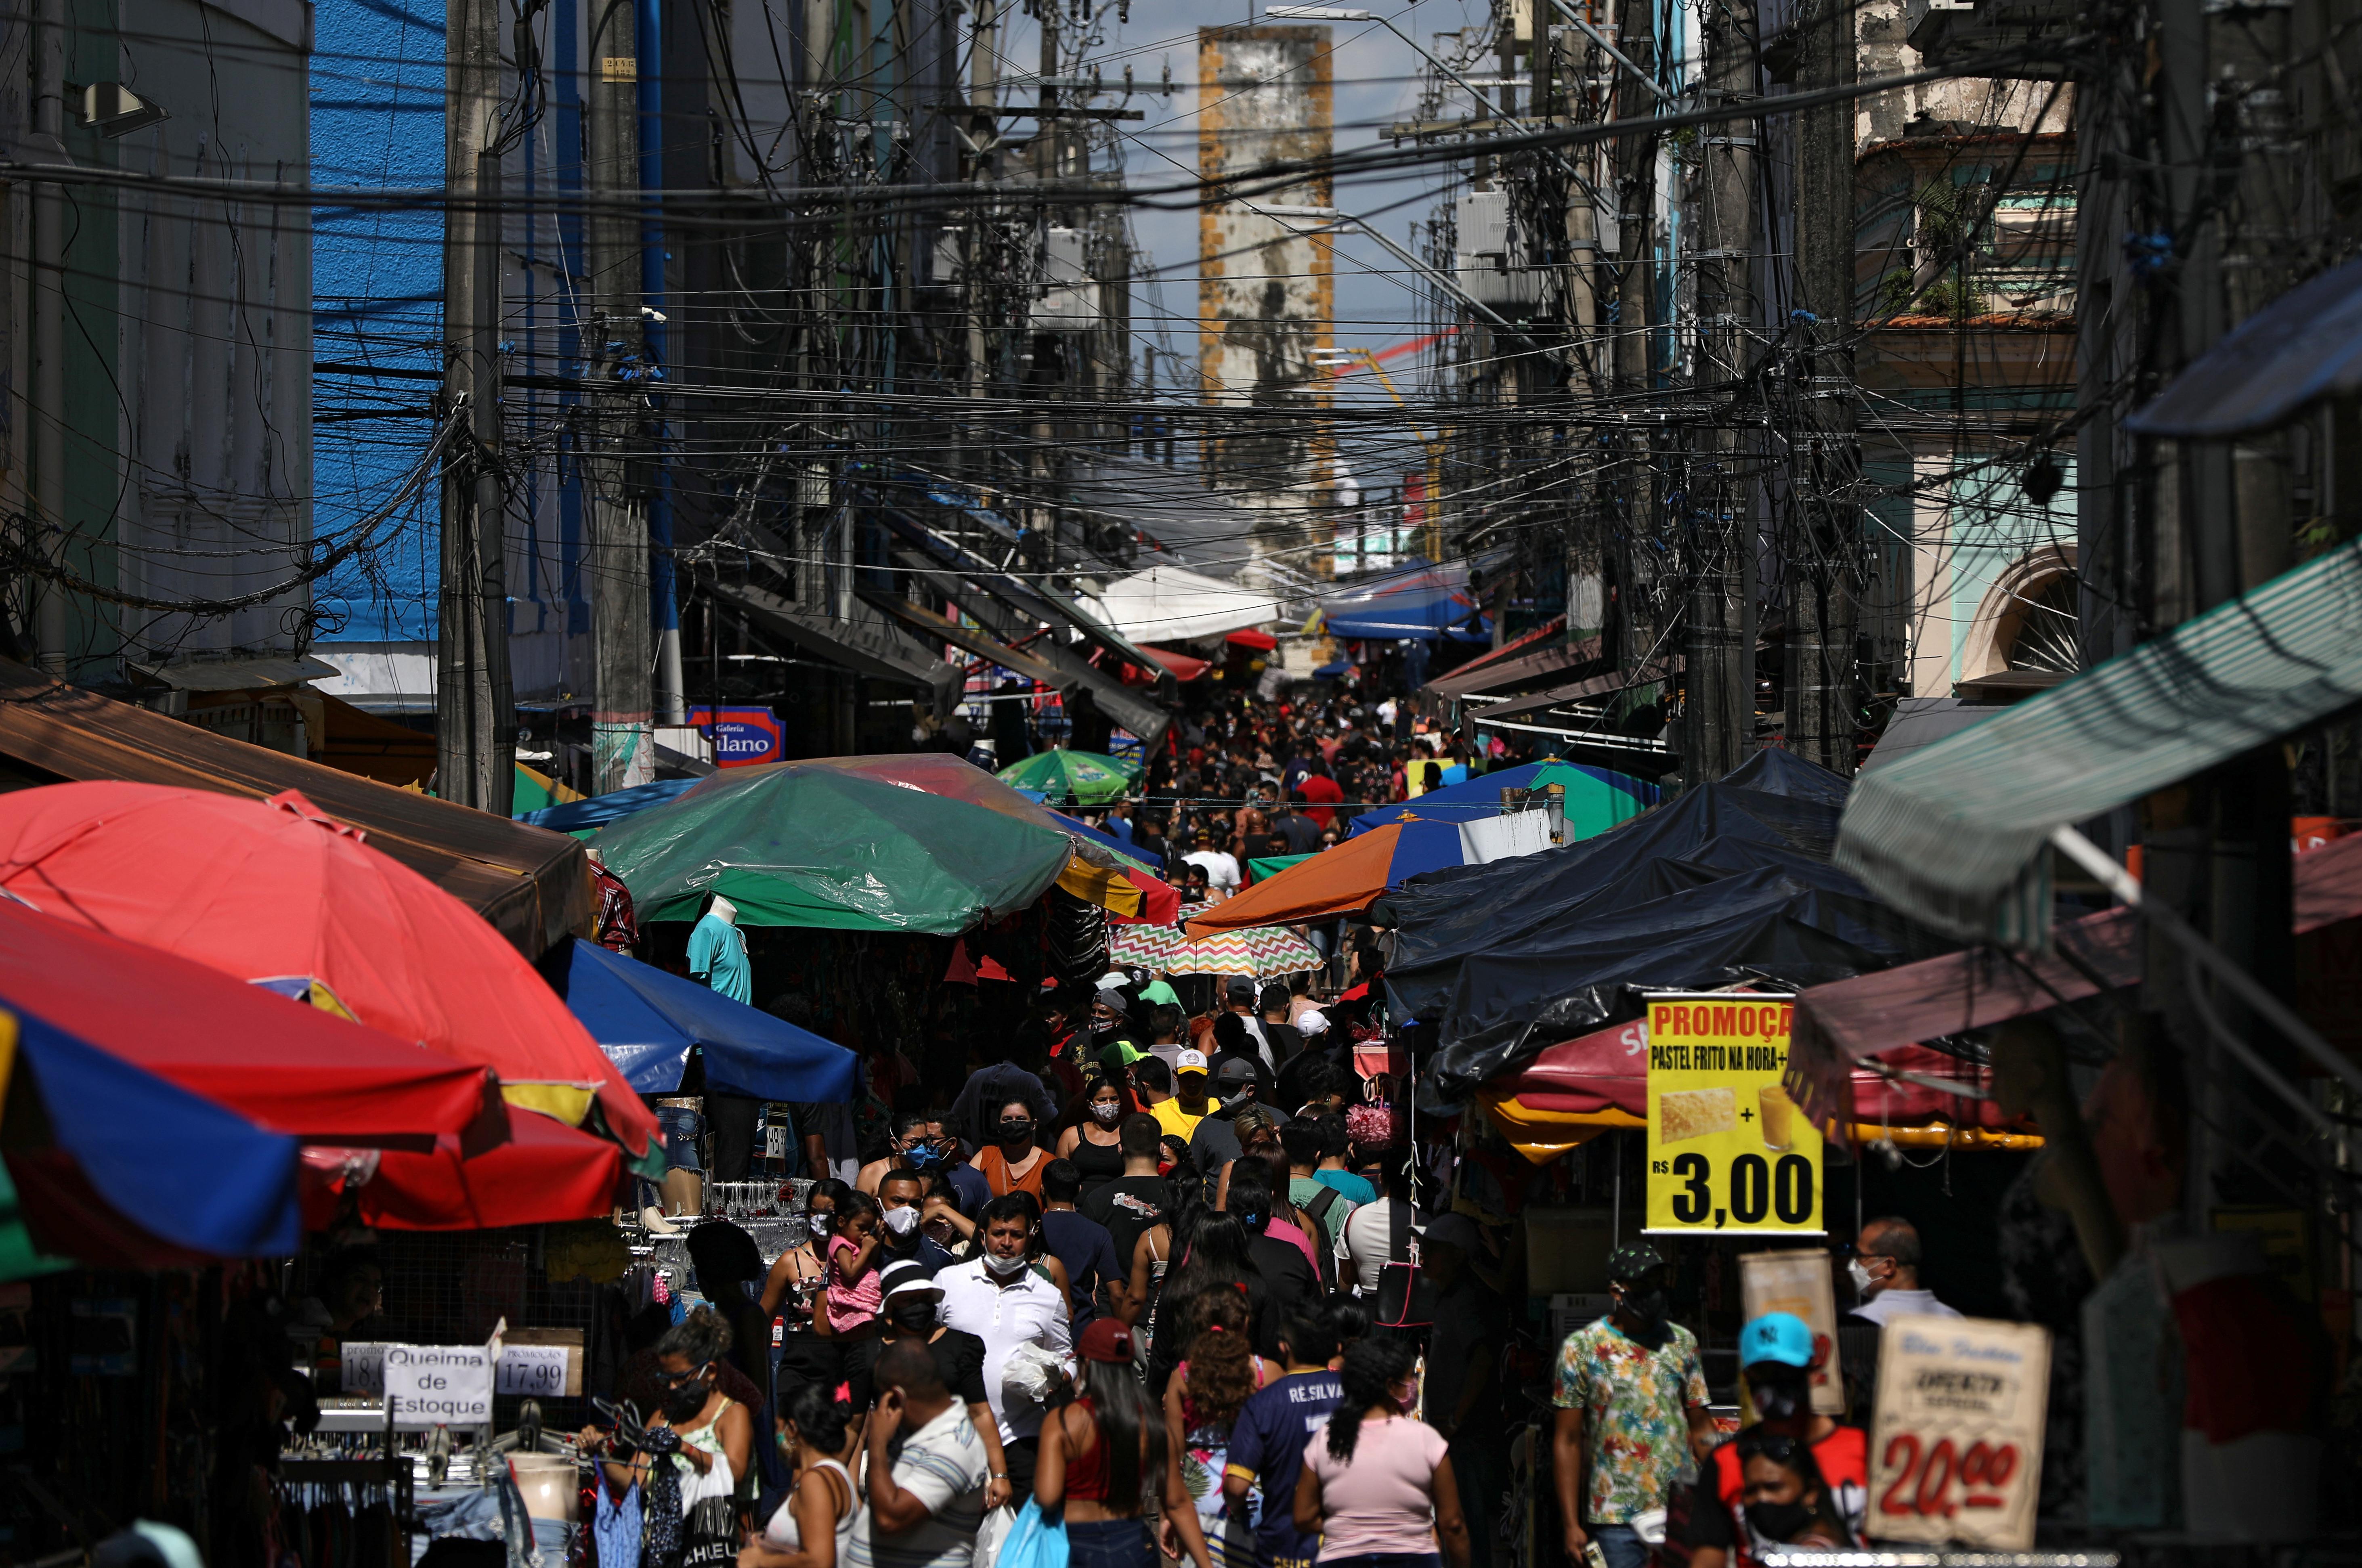 La gente camina en una calle comercial popular en medio del brote de la enfermedad coronavirus (COVID-19), en Manaus, Brasil, el 27 de junio de 2020.